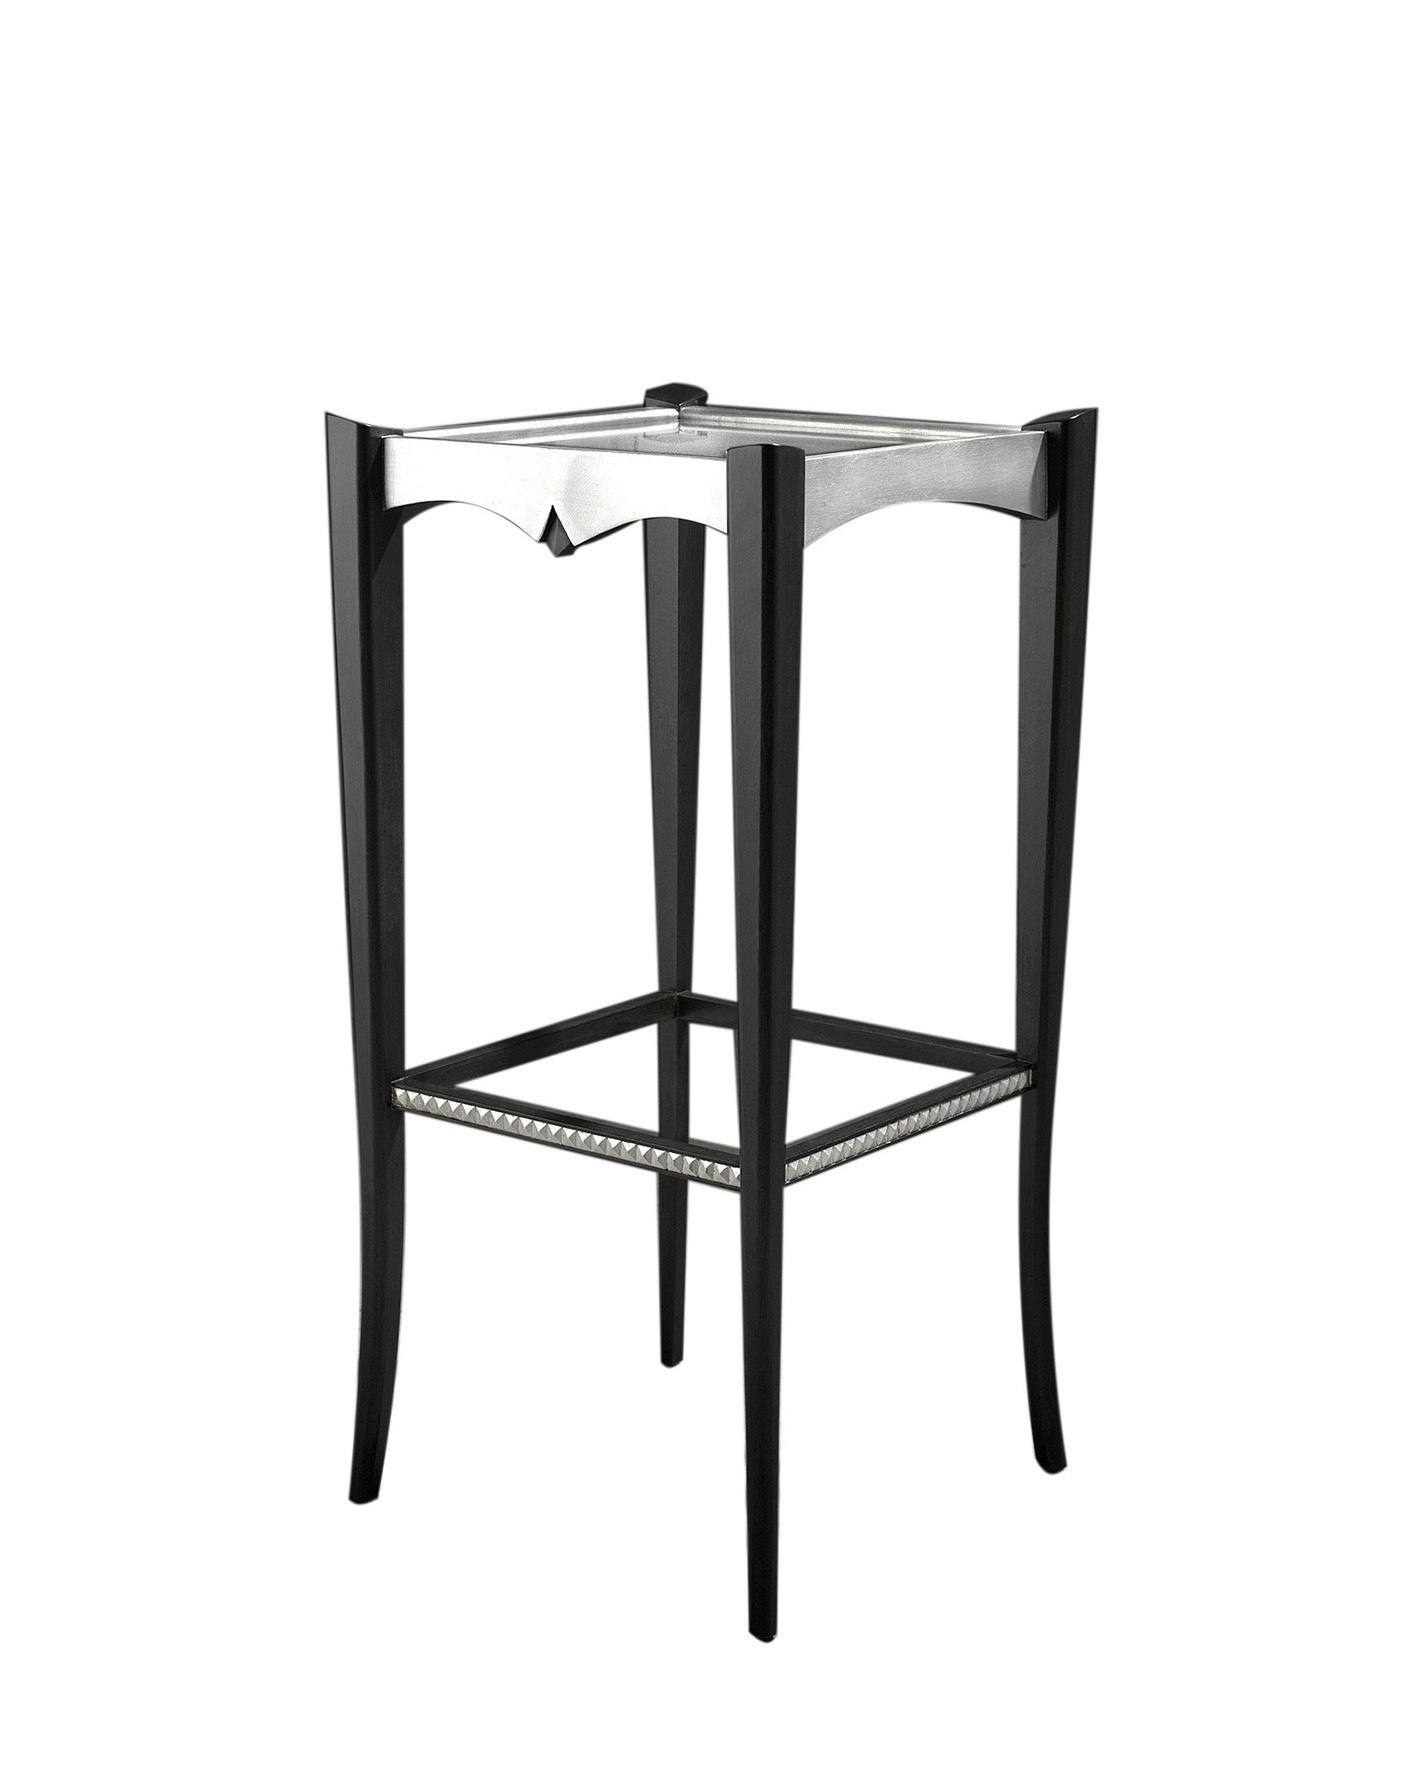 Glass Coffee Tables Durban: DURBAN PEDESTAL, 8MM GLASS TOP